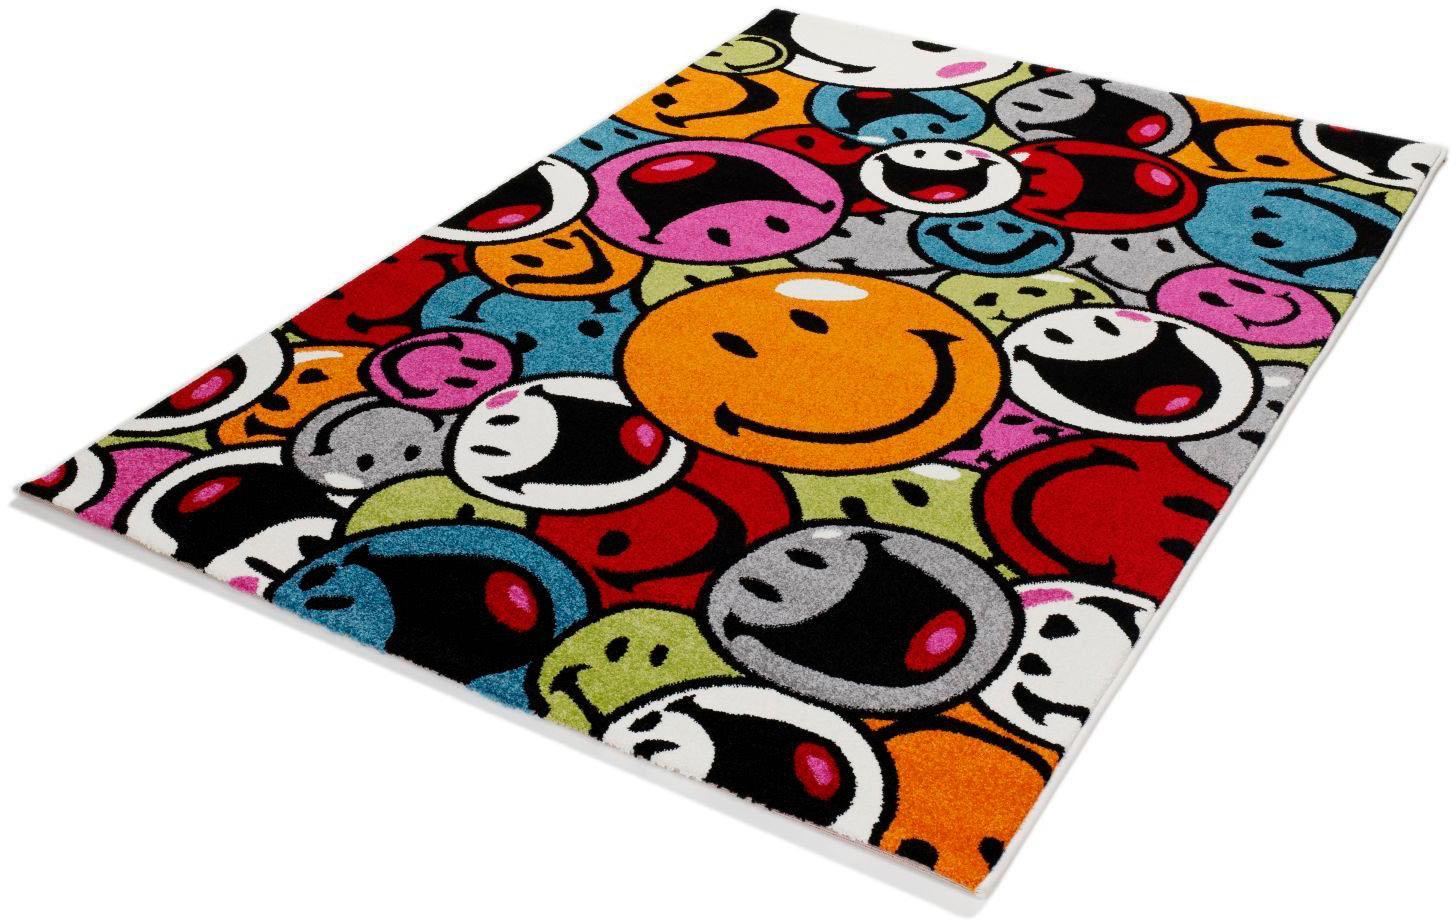 Teppich Happiness Smile OCI DIE TEPPICHMARKE rechteckig Höhe 20 mm maschinell gewebt